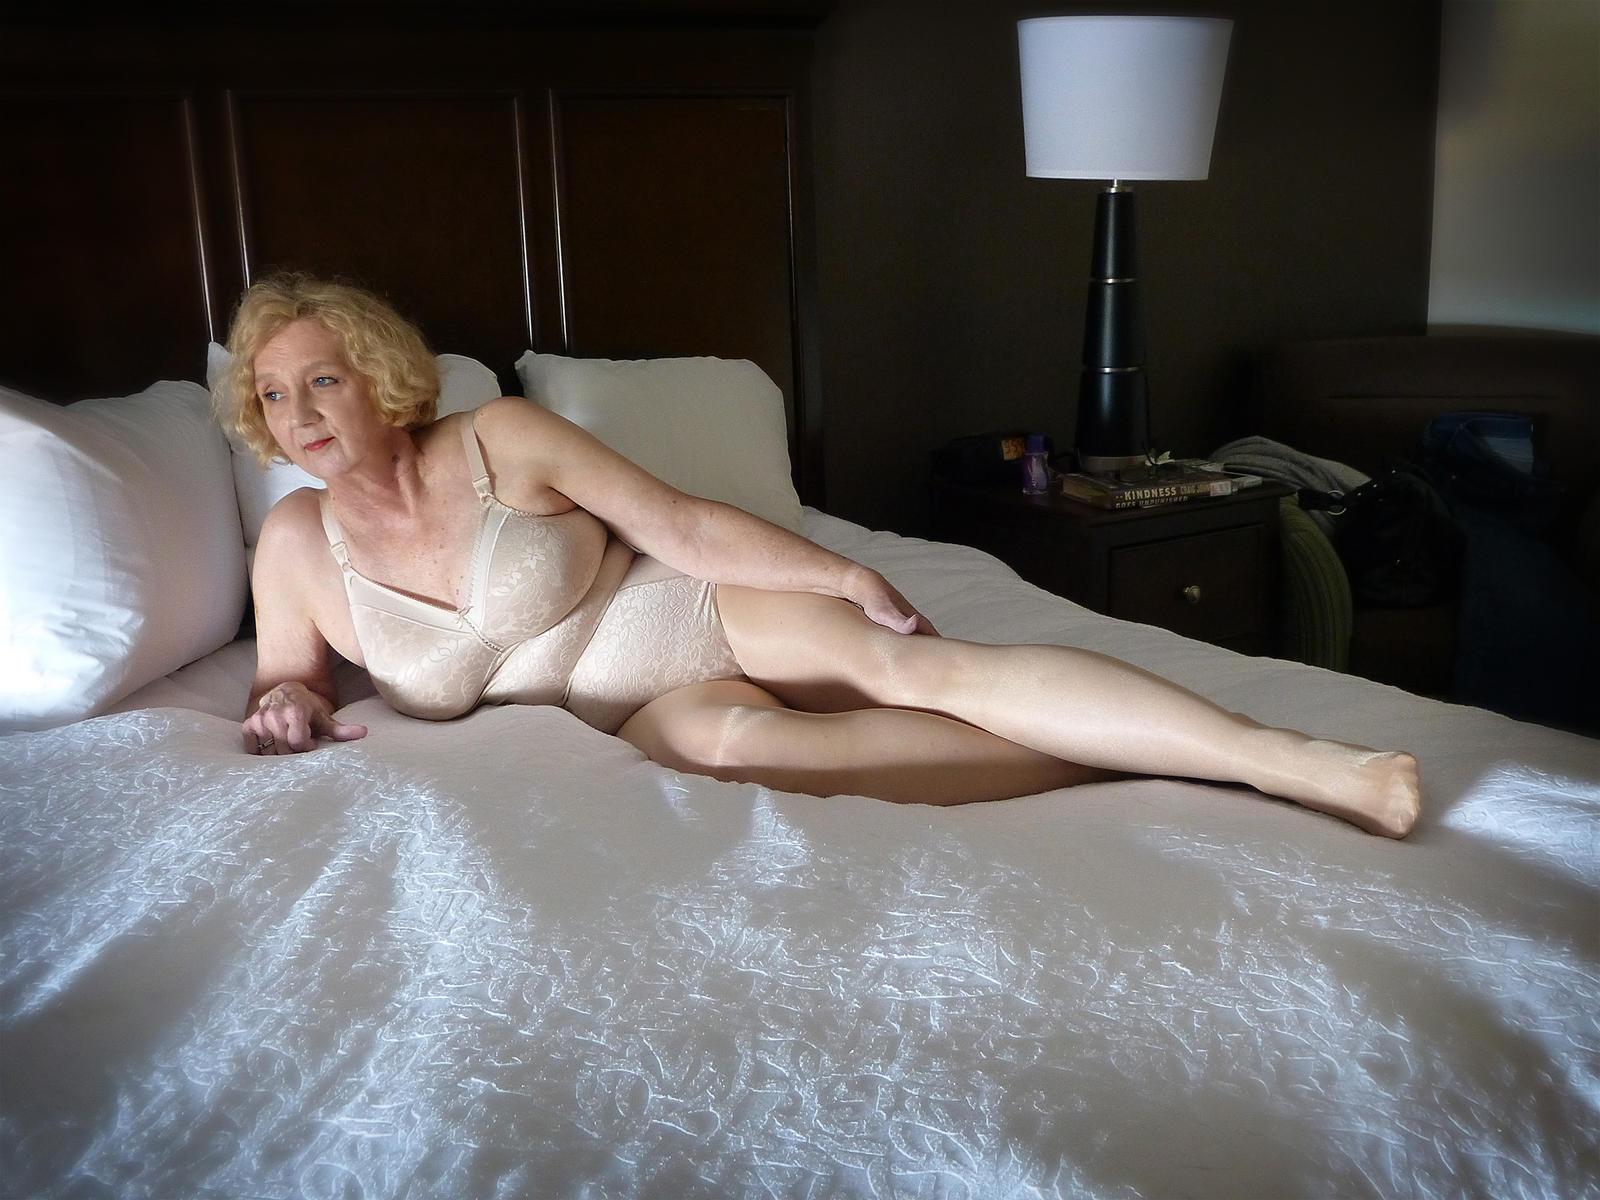 Nude women side view